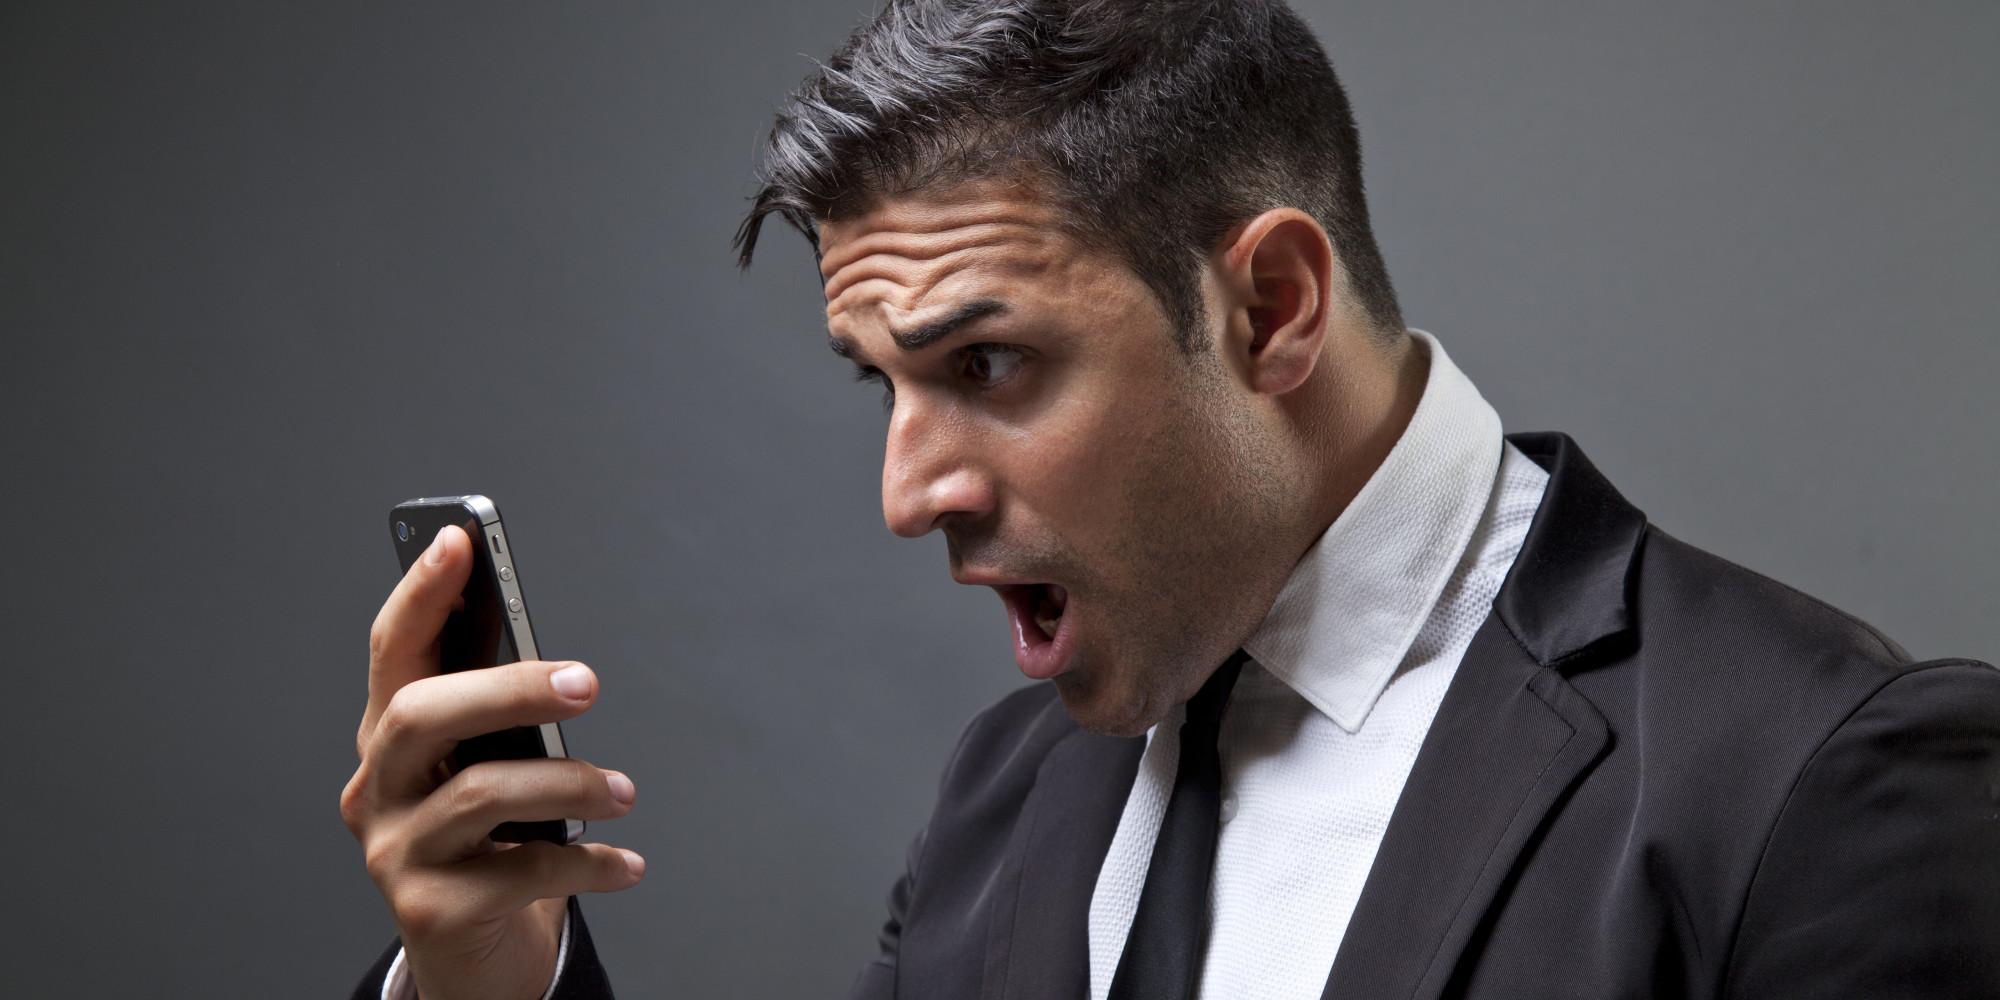 angry-man-looking-at-phone